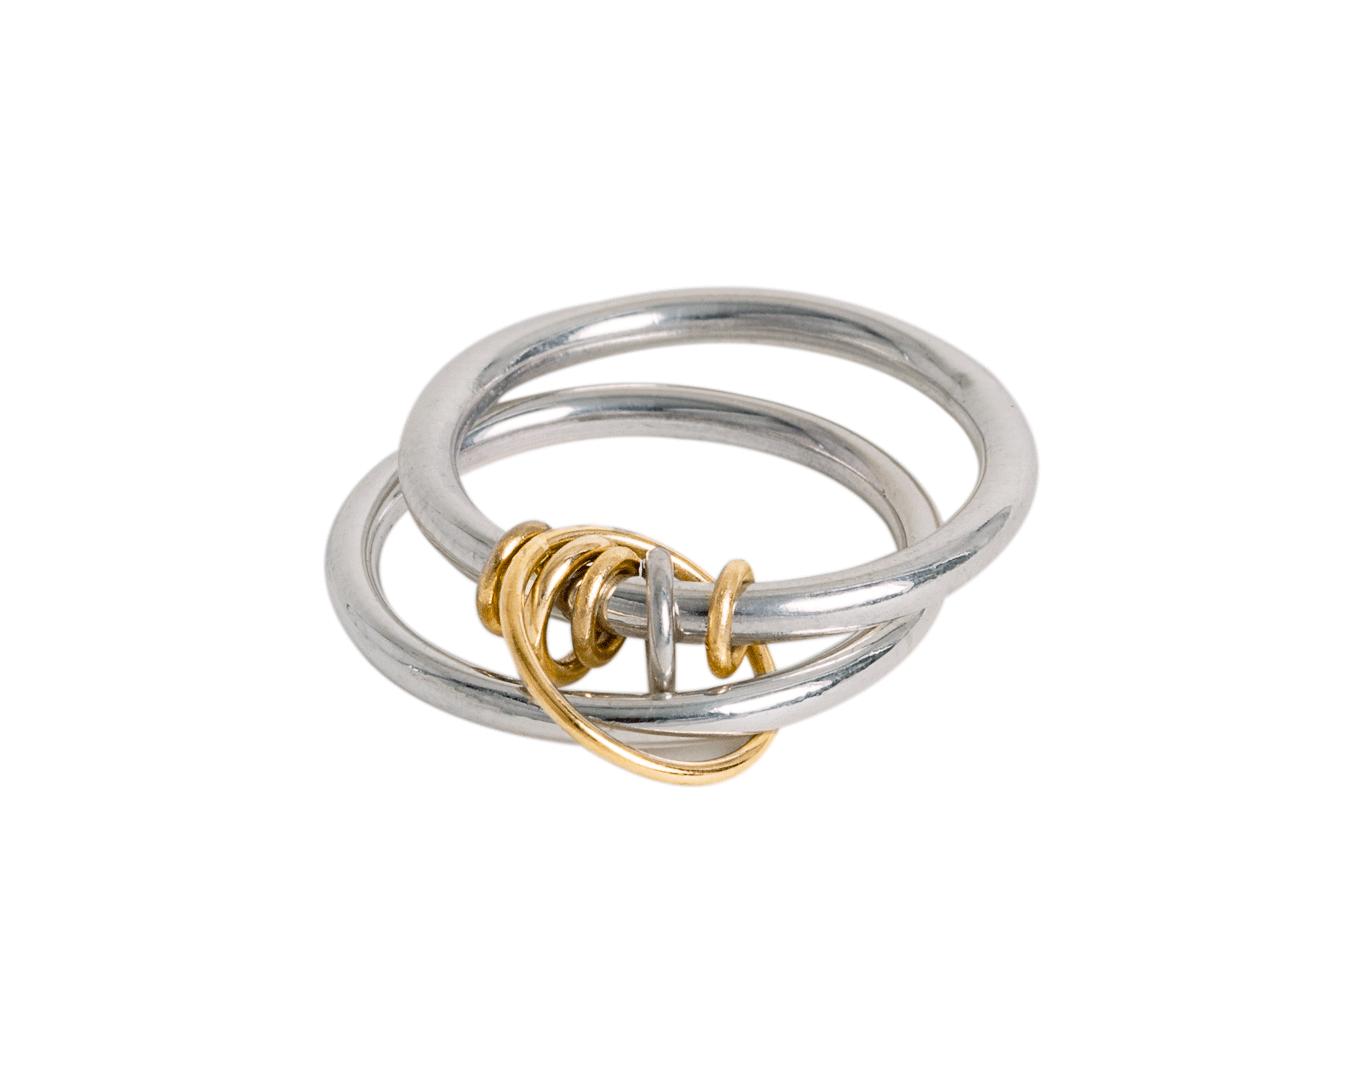 Adeline Cacheux Bague anneaux